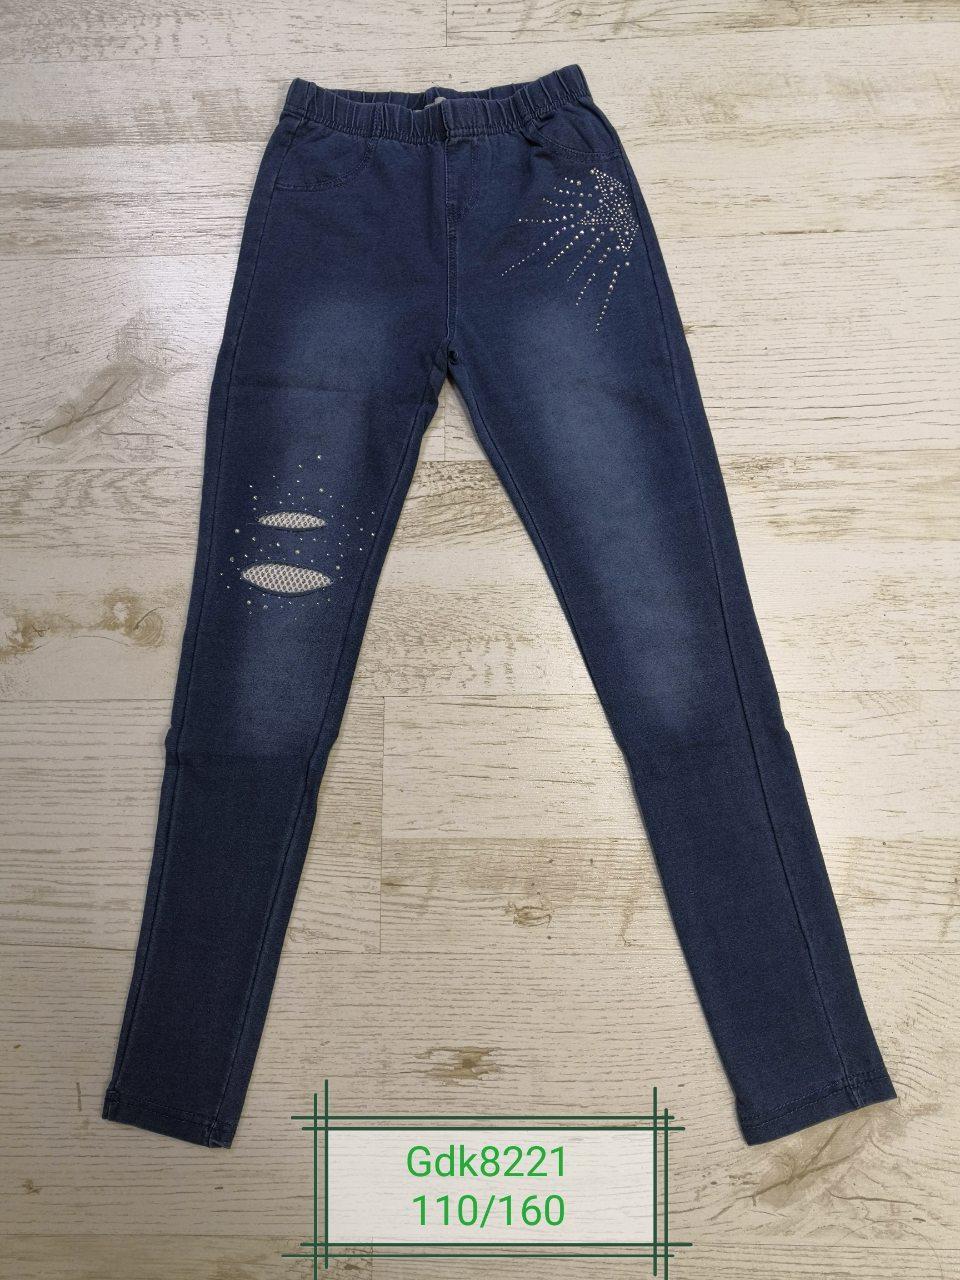 Лосины под джинс для девочек оптом, размеры 110-160р Glo-Story, арт. GDK-8221